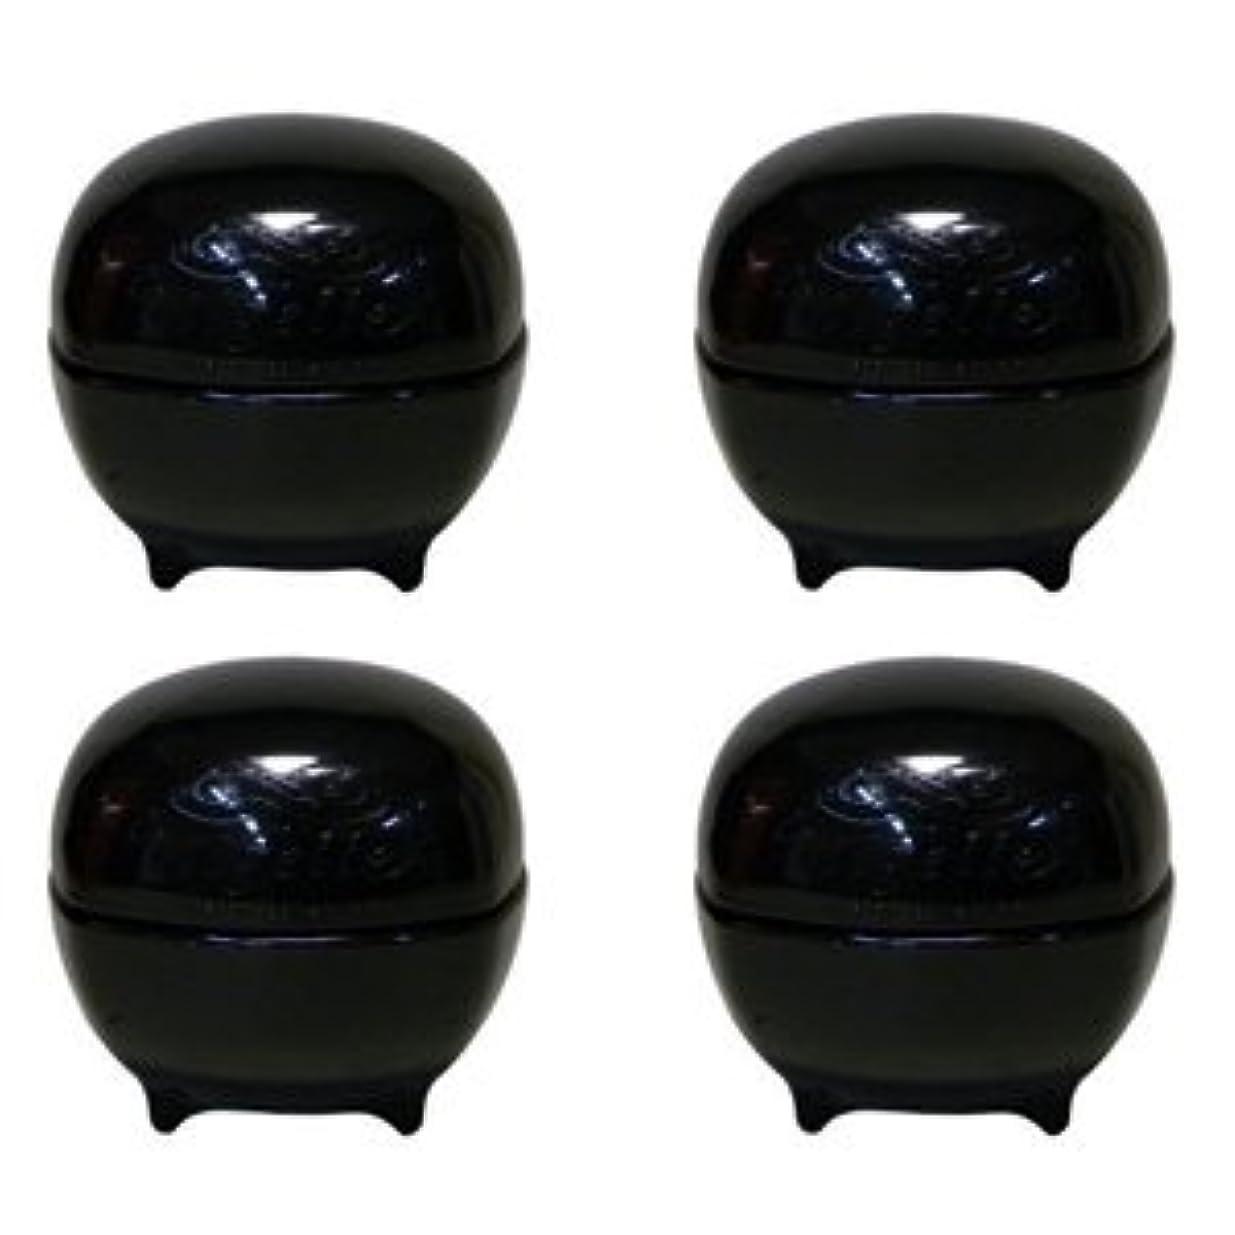 誠実さ崖ロシア【X4個セット】 ミルボン ニゼル グラスプワックス 80g (ニゼルドレシアコレクション) GRASP WAX MILBON